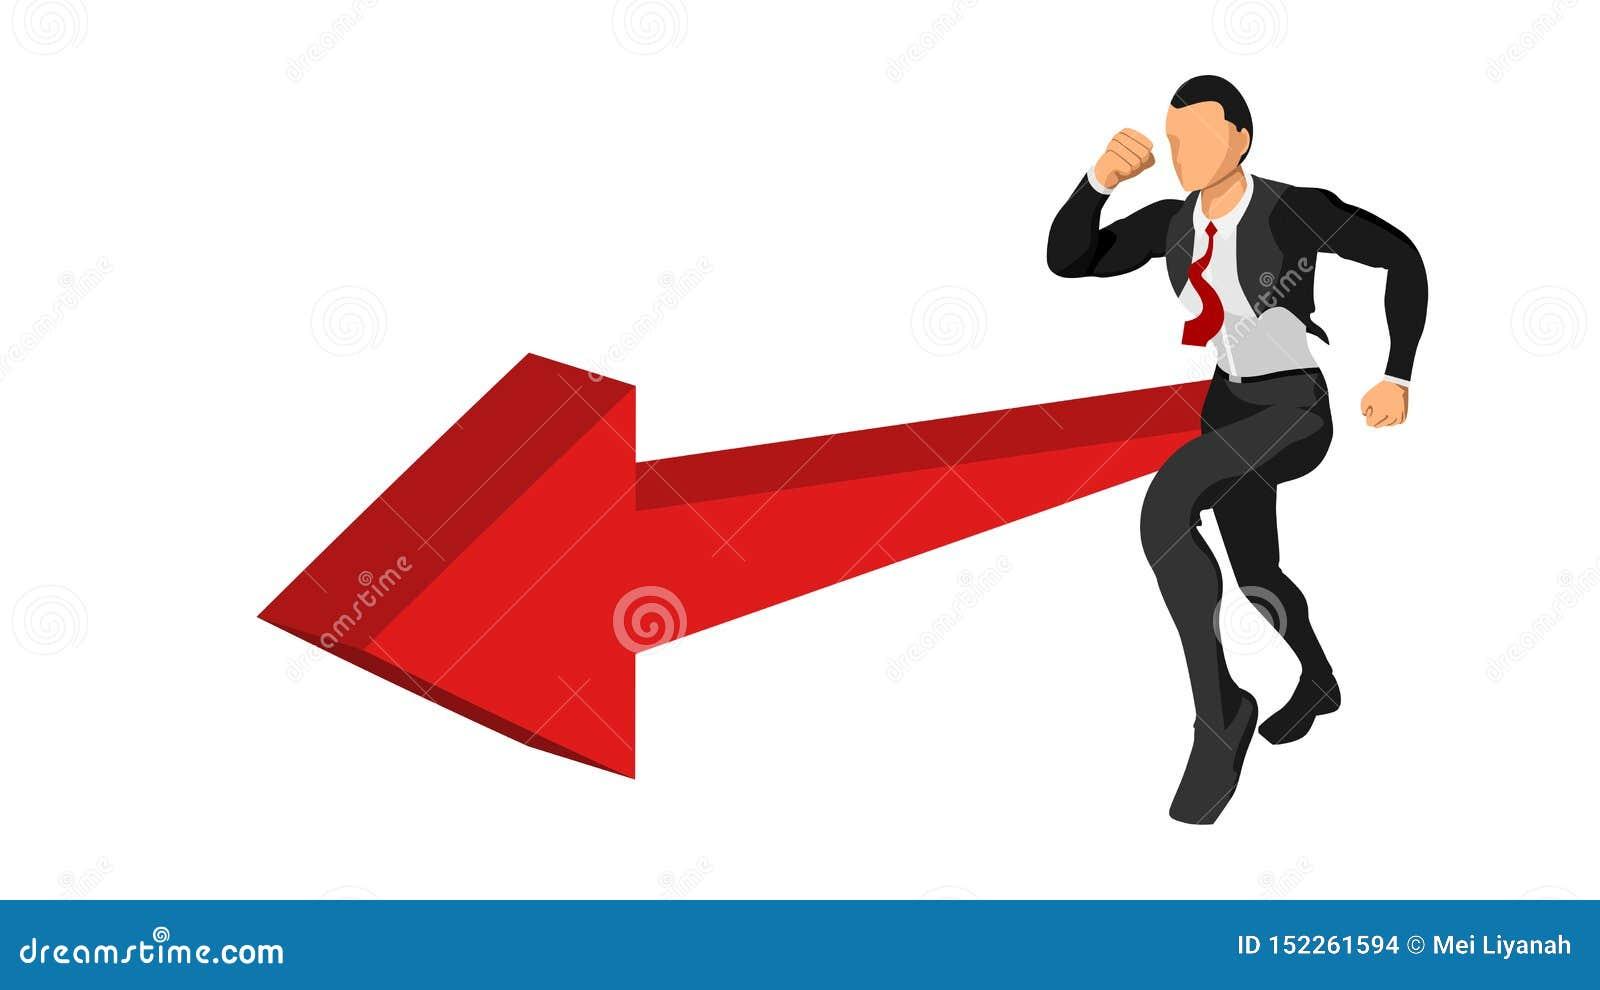 Teckenet av affärsmannen kör skyndsamt med riktningen av riktningen